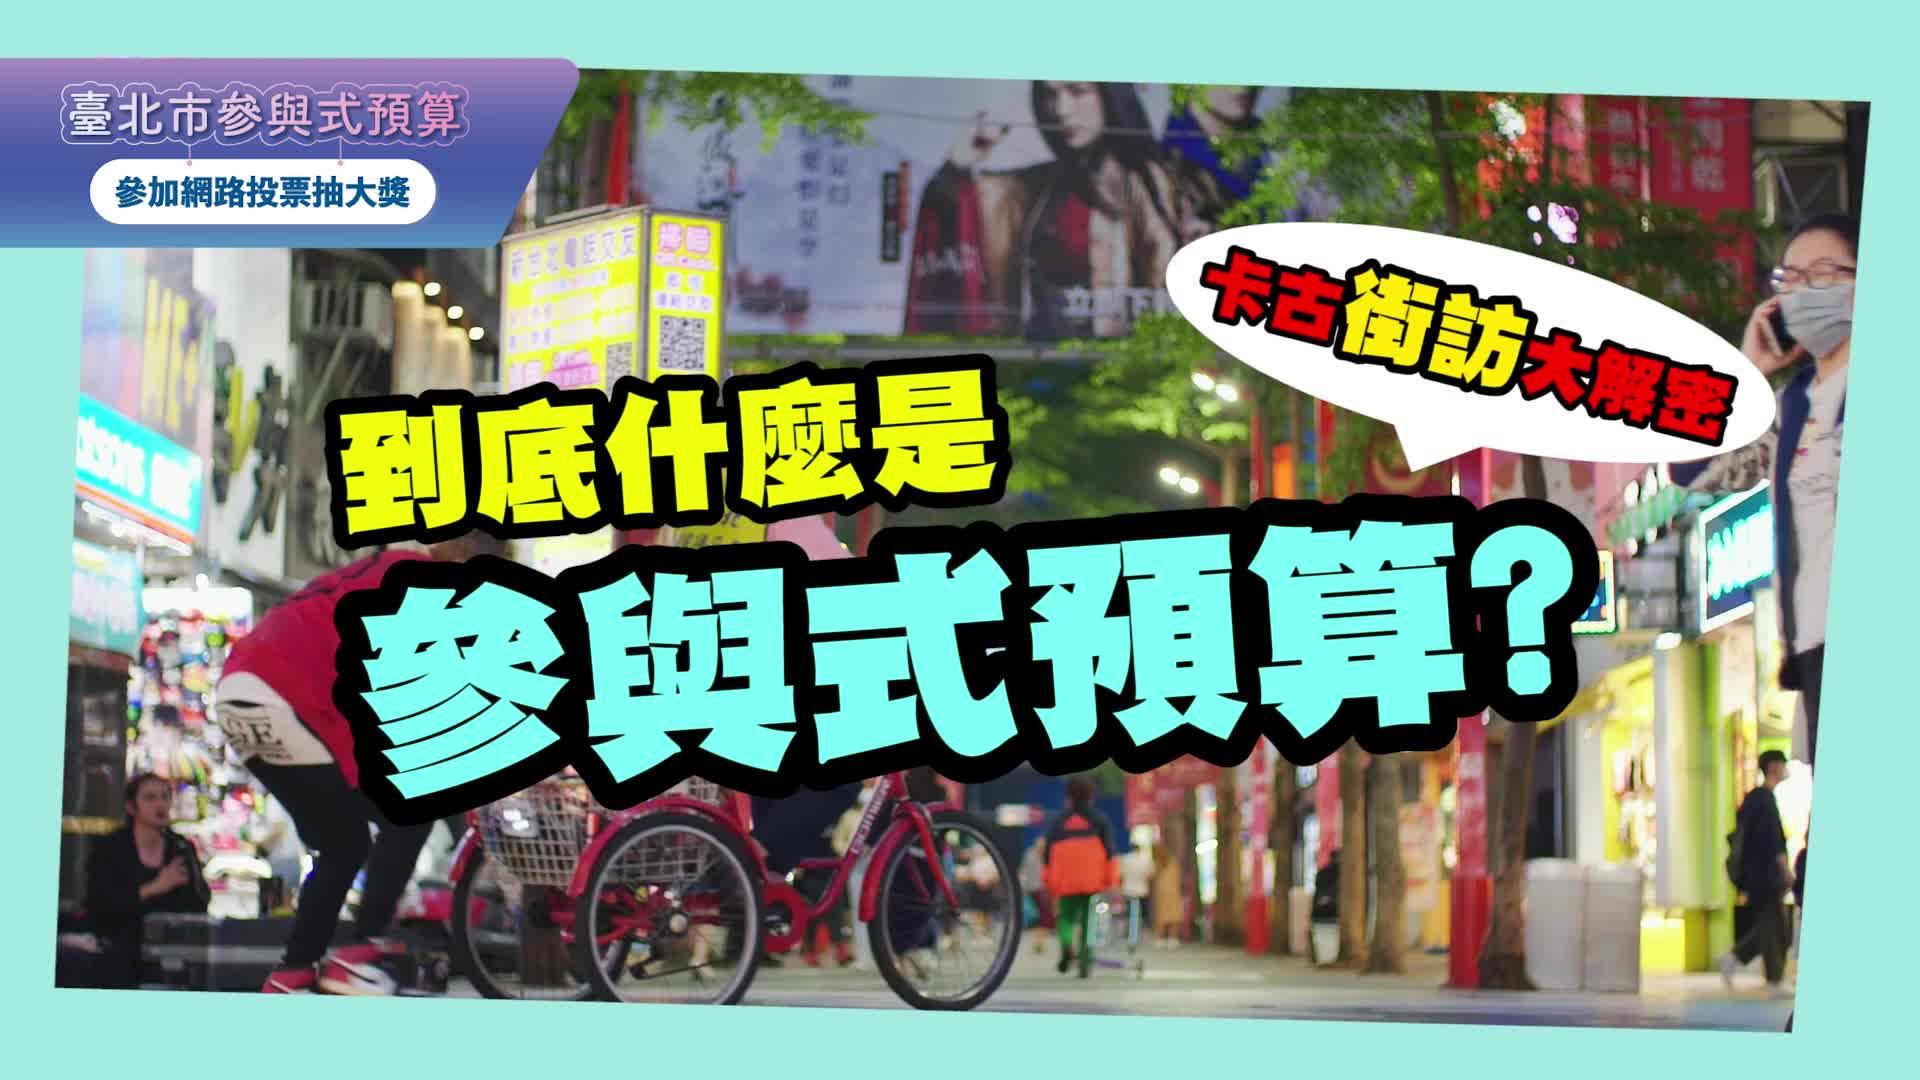 臺北市政府i-Voting網站投票